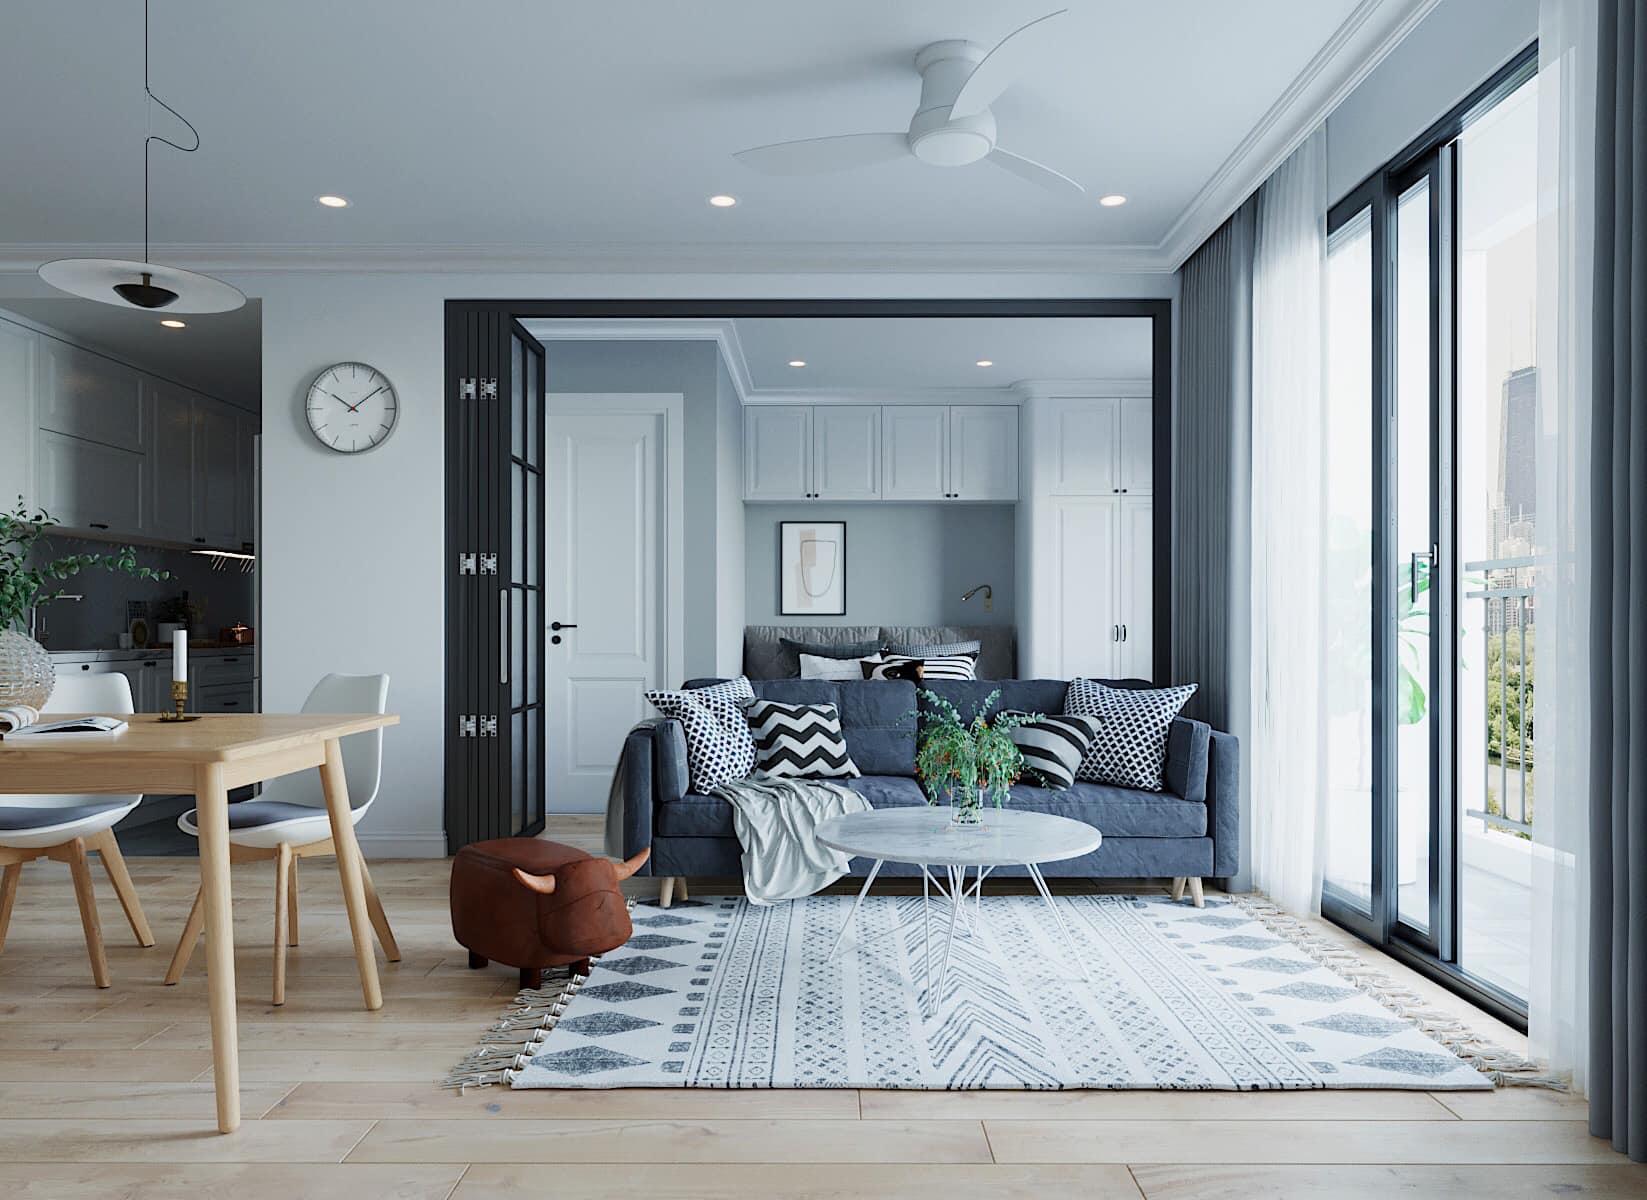 Thiết kế nội thất với các điểm nhấn màu sắc giúp căn hộ trở nên ấn tượng hơn phong cách Scandinavian